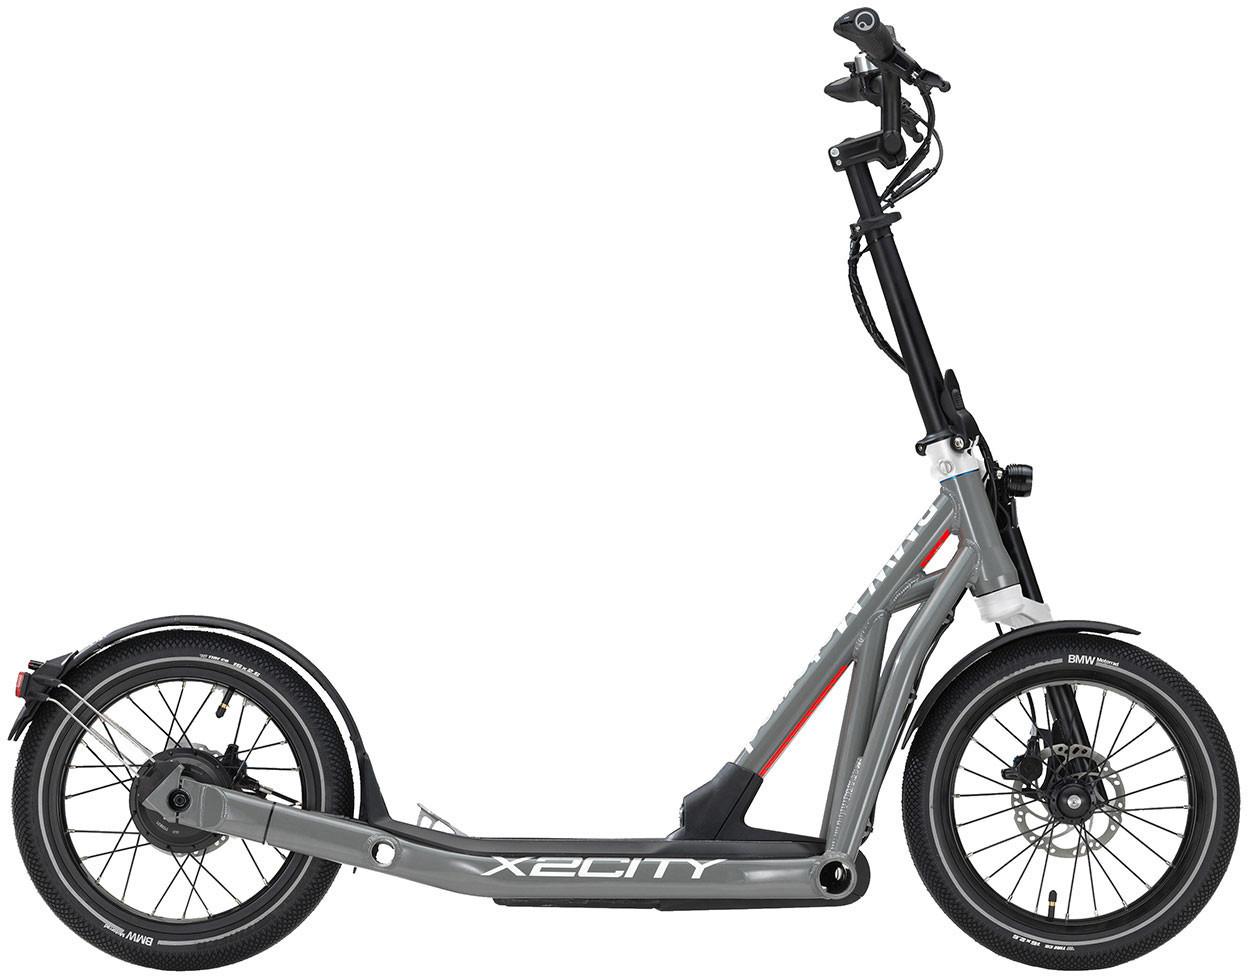 E-Scooter BMW X2 City im Preisvergleich (UVP: 2399 Euro)